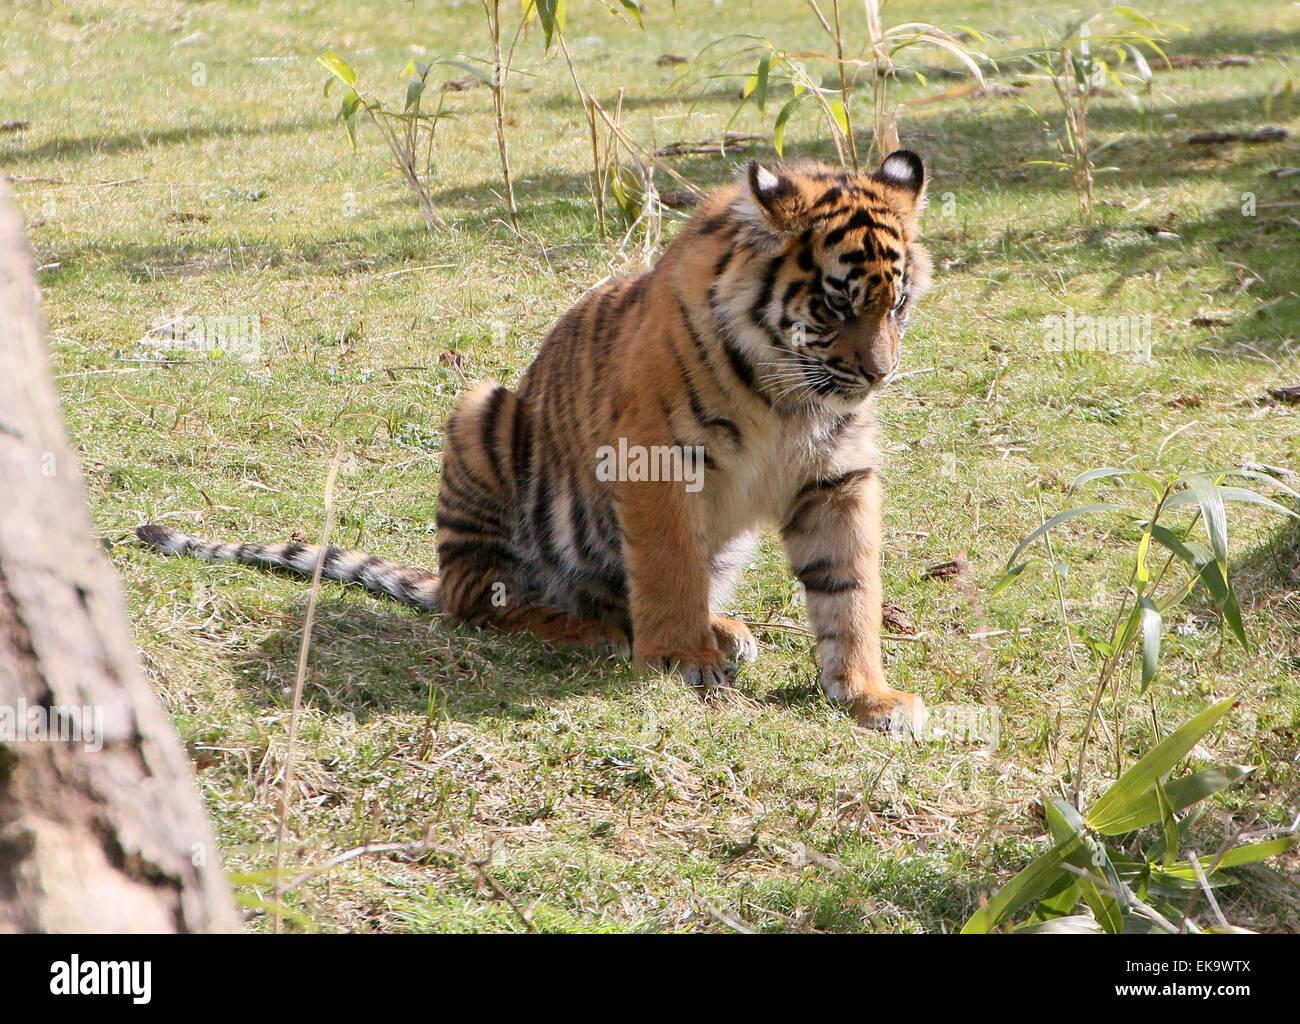 Solitary Sumatran Tiger whelp (Panthera tigris sumatrae) - Stock Image